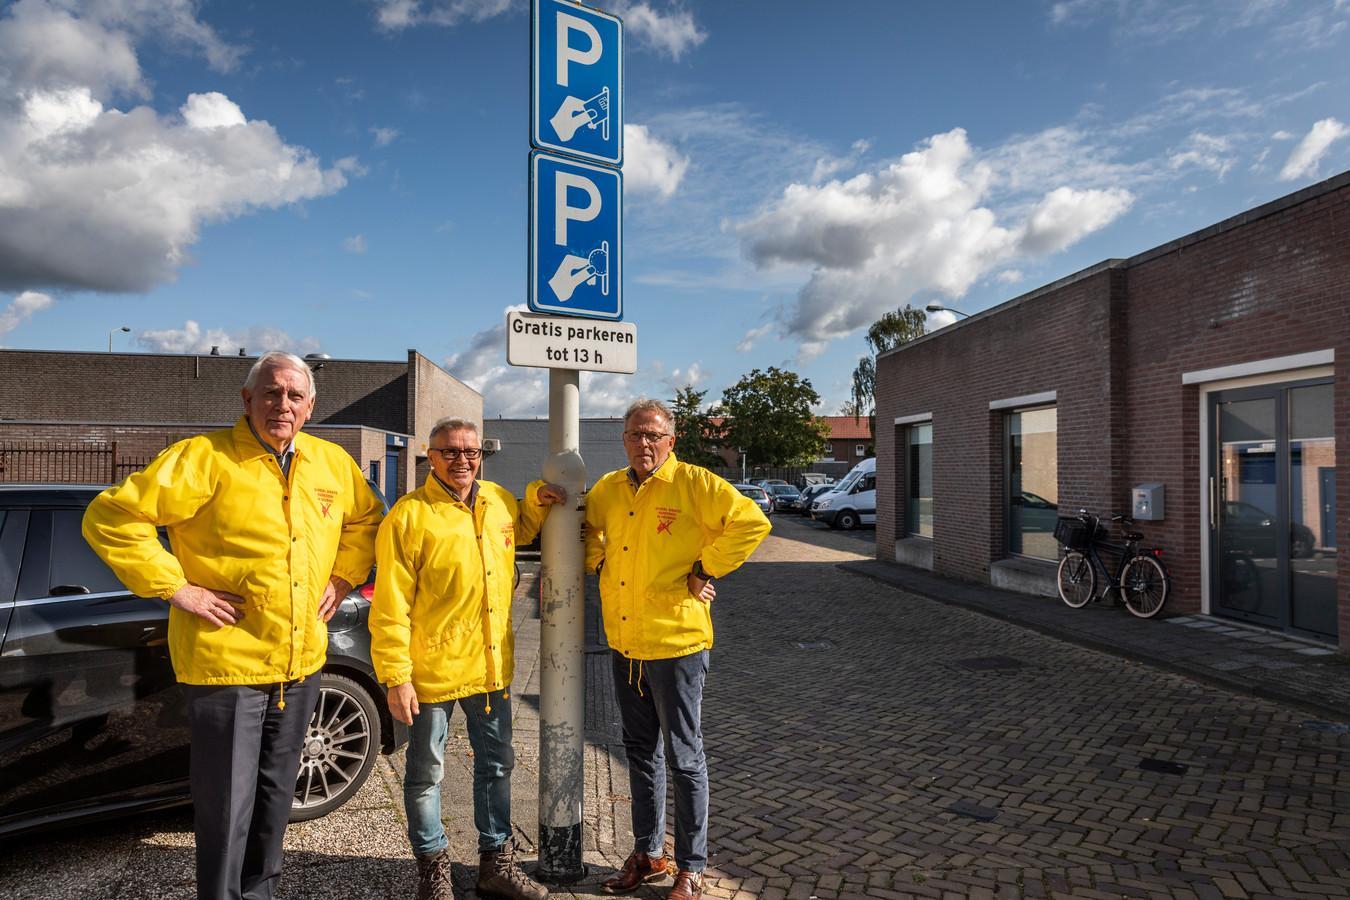 Jos Braam, Cor van der Steijn en Wil Olde Hampsink tijdens de actie voor gratis parkeren in het centrum van Deurne.